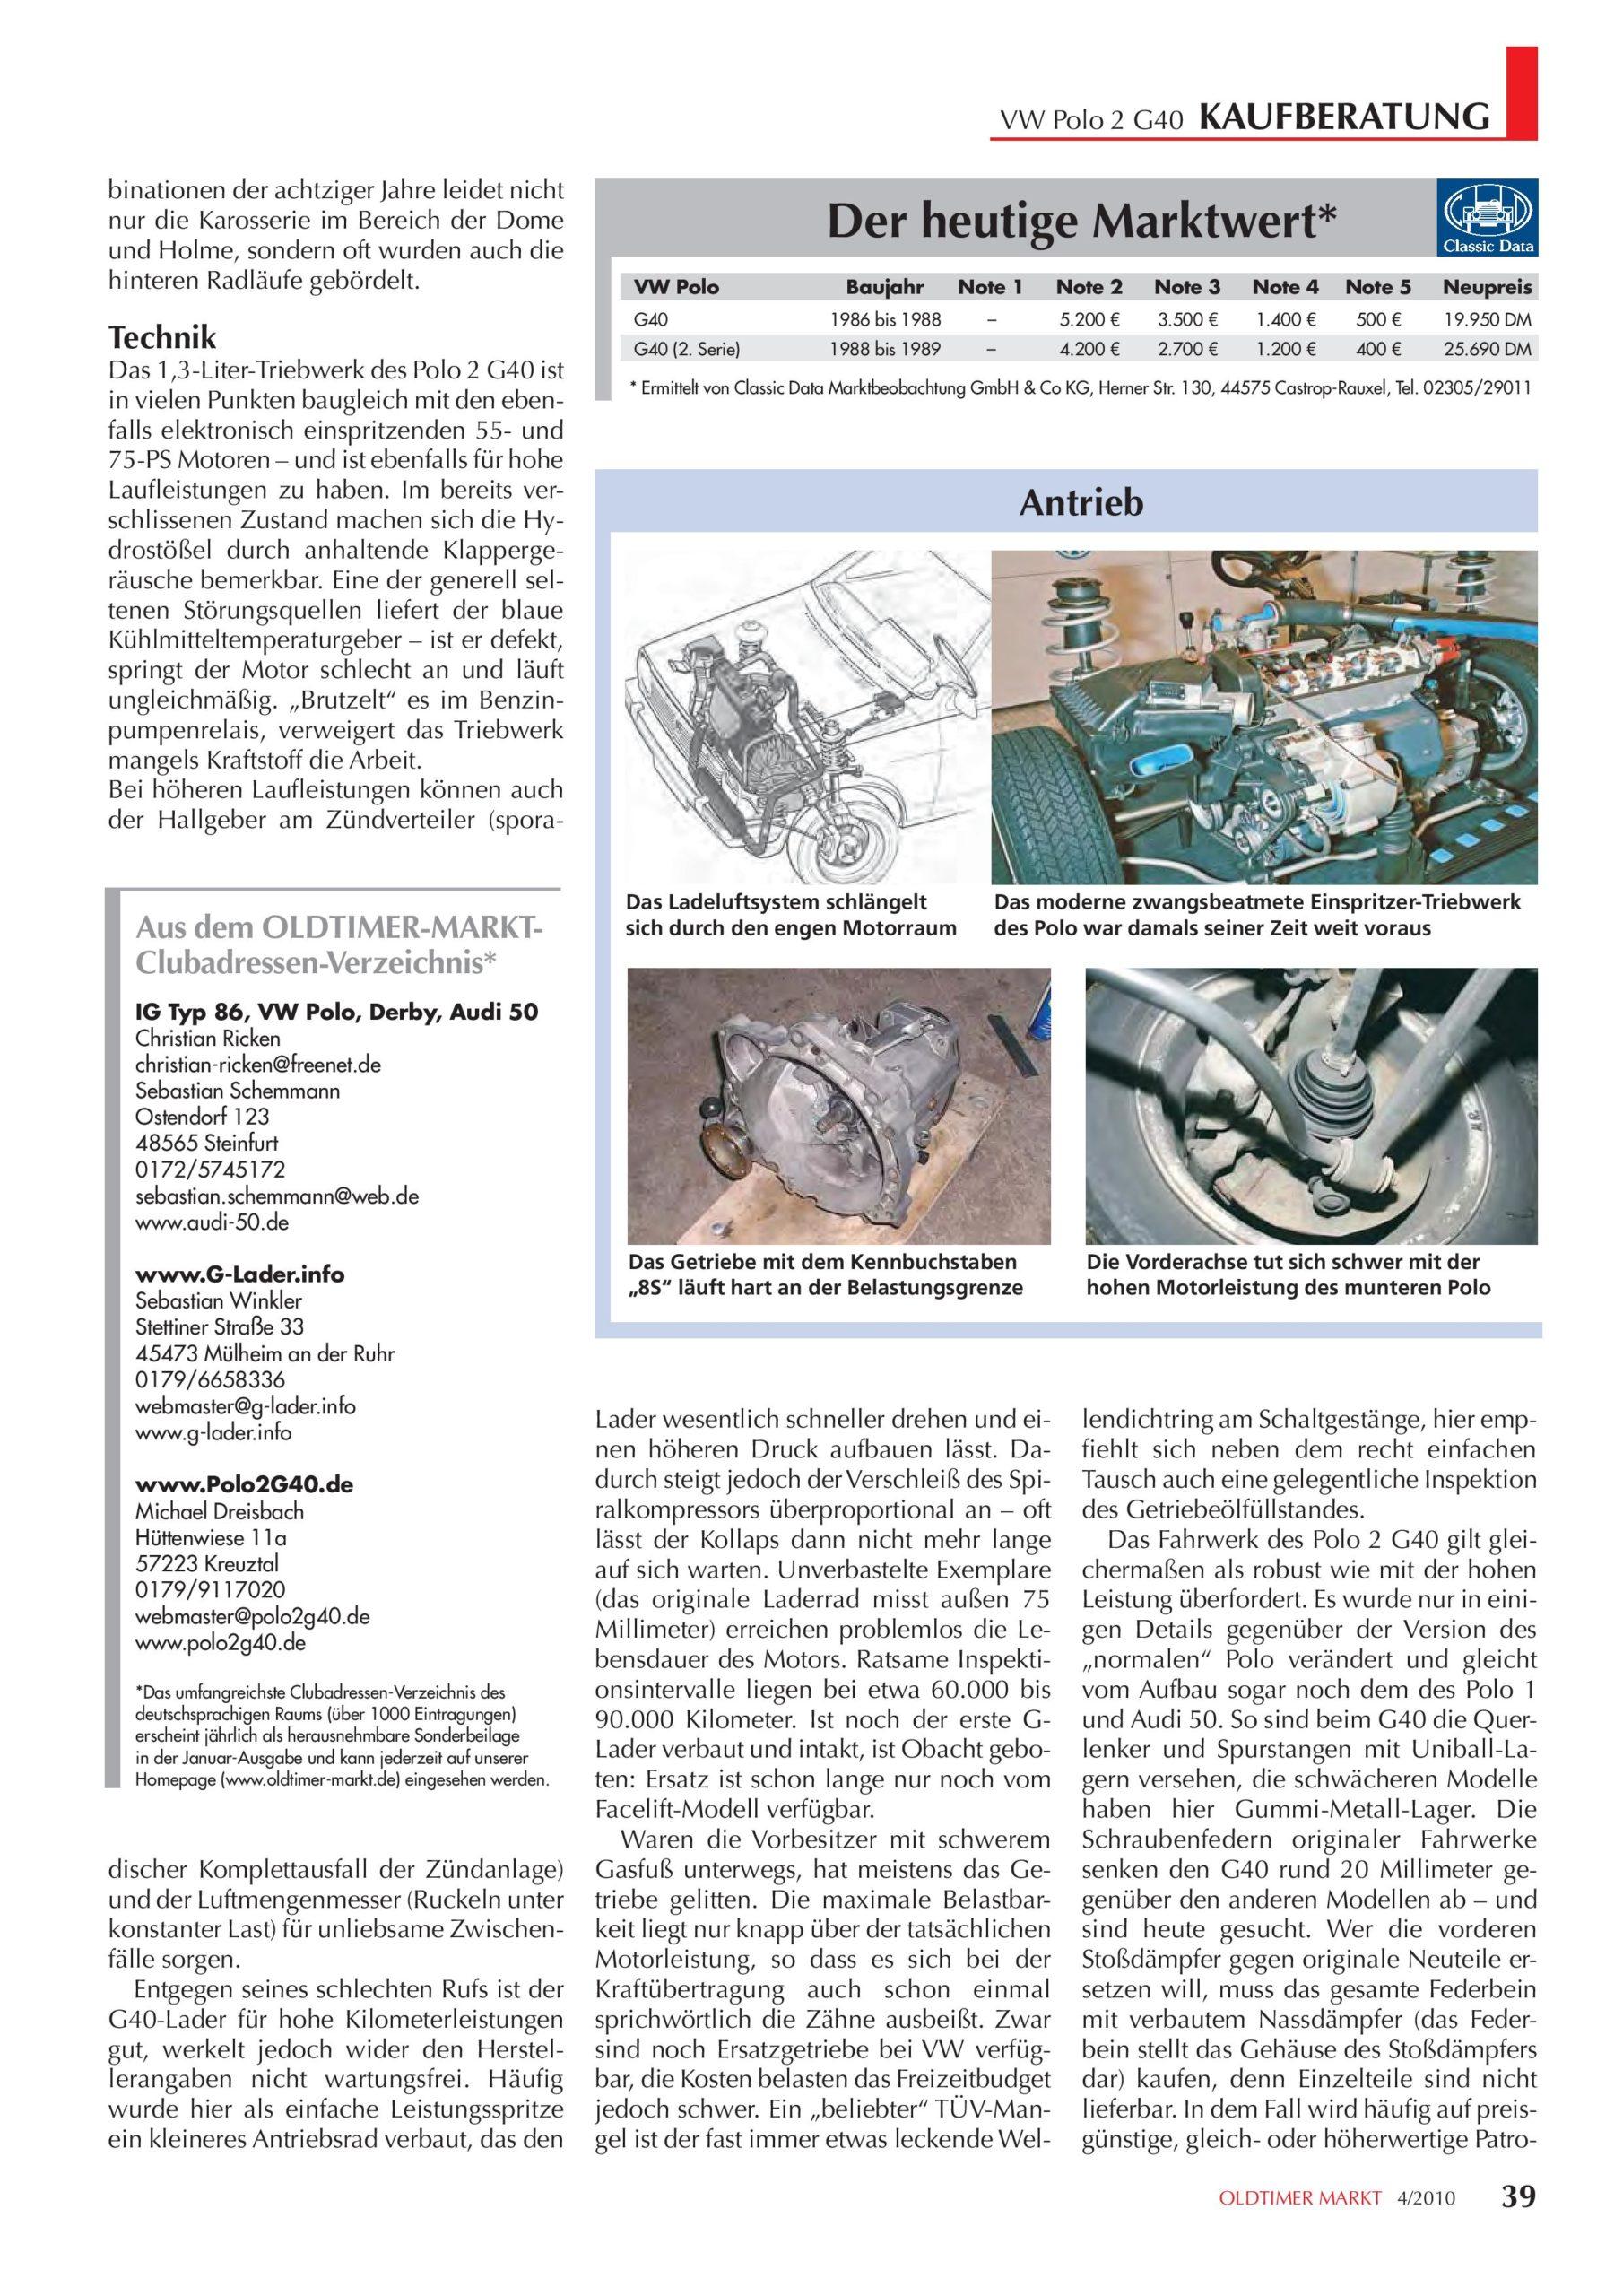 ODTM201004_page04